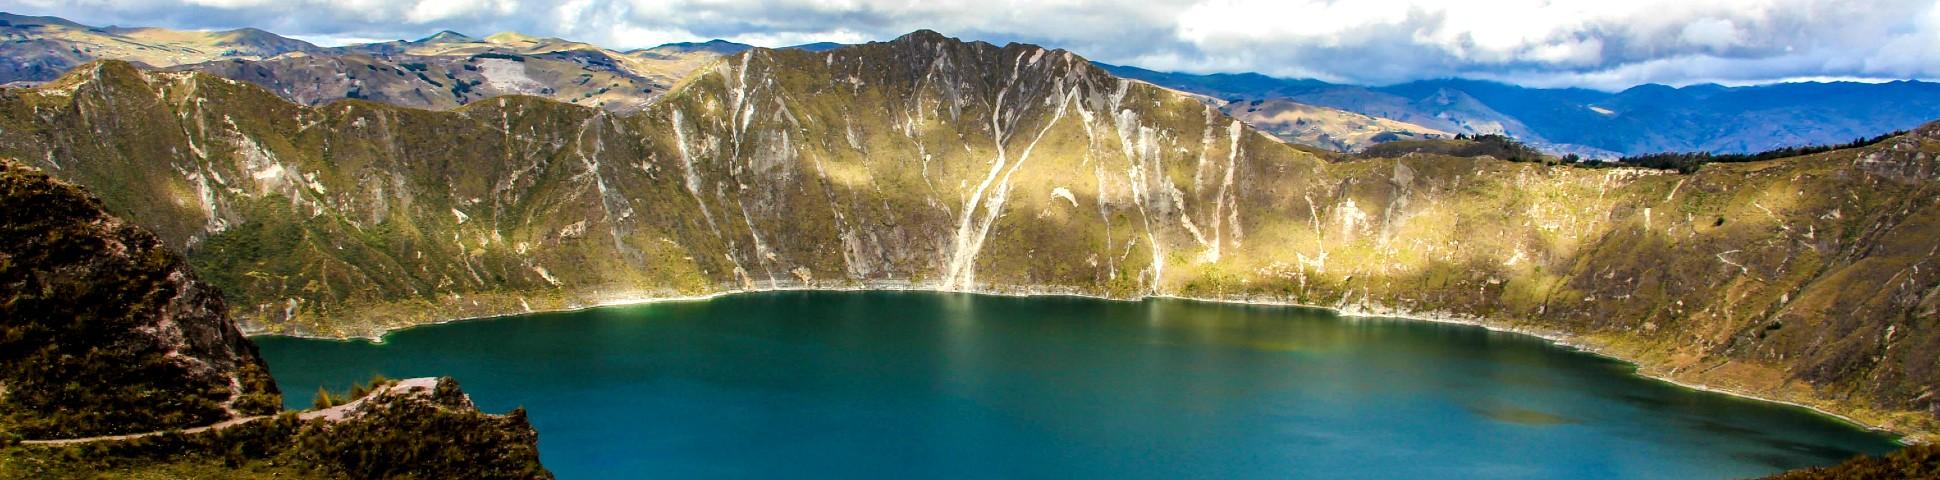 Quilotoa crater in Ecuadorian Andes